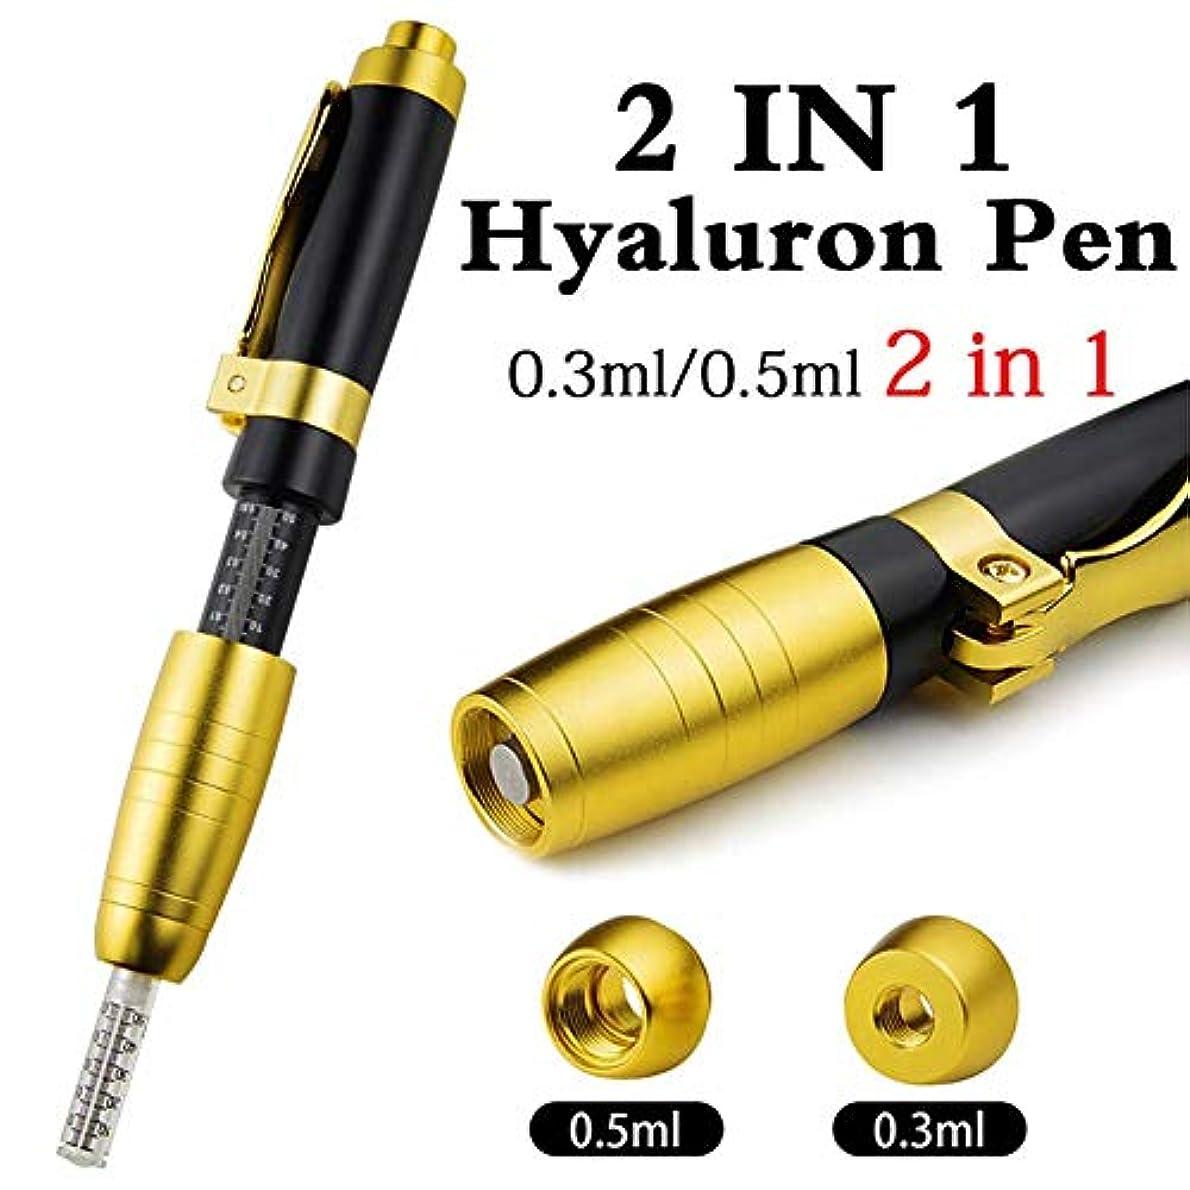 品揃えランチョン何よりも2 in 1 2ヘッドヒアルロンペン0.3ml&0.5mlヒアルロン注射ペンヒアルロン酸注射器リップフィラー針無料注射ペン